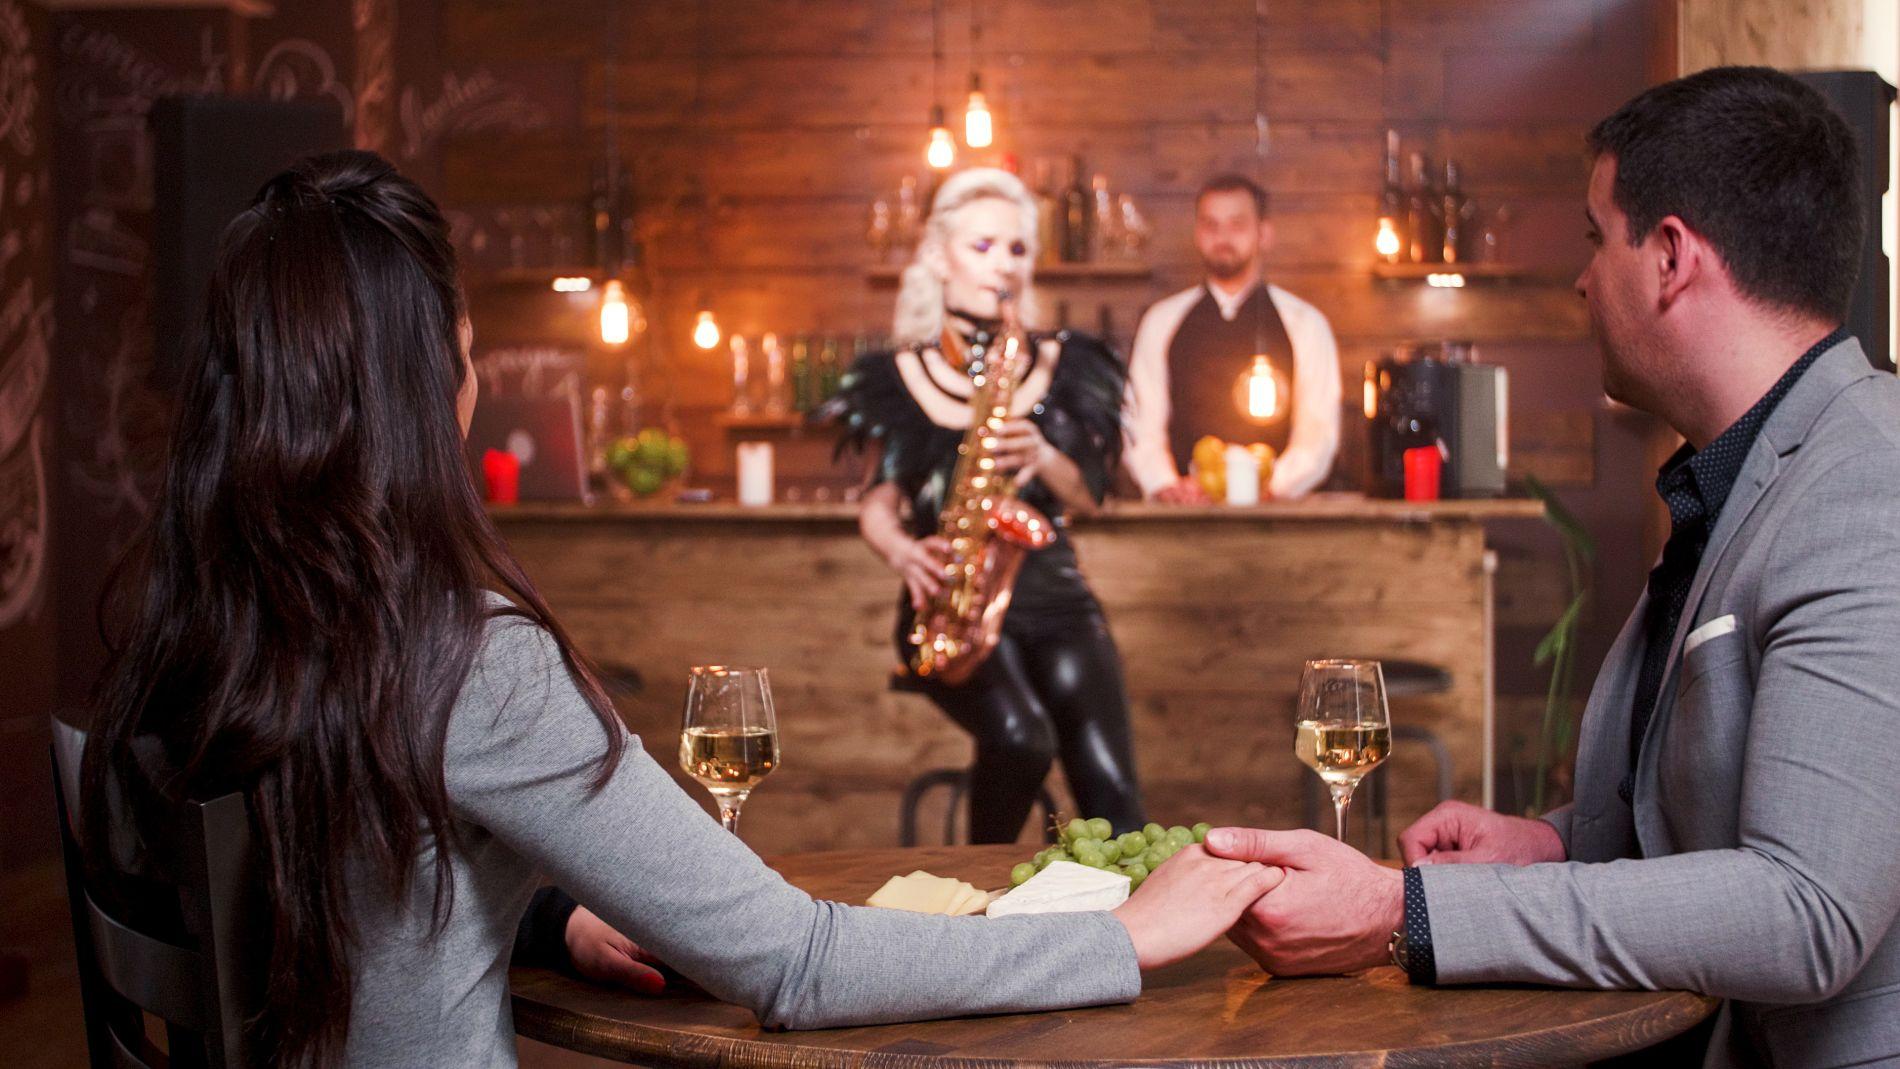 Table ronde pour 5 personnes sur la terrasse d'un restaurant au milieu de la nuit.